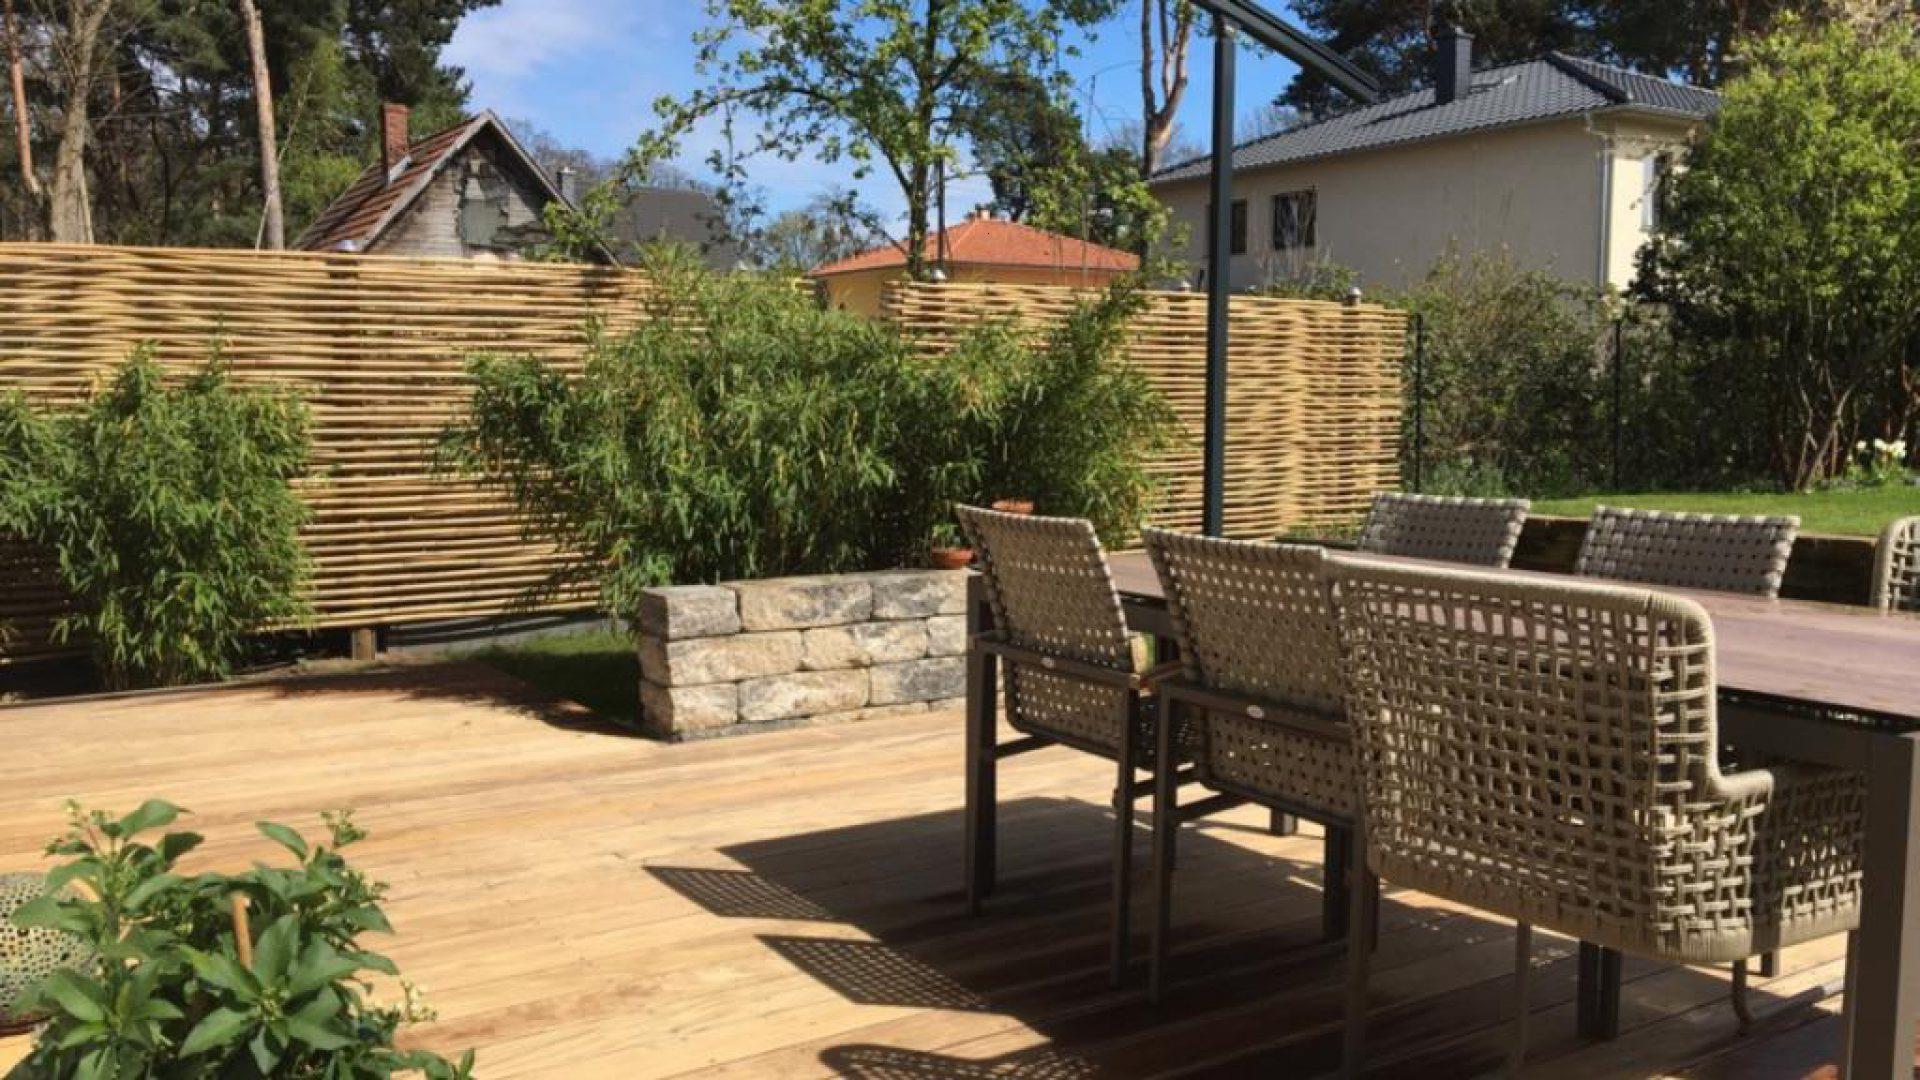 Sichtschutz Ideen für Garten & Terrasse